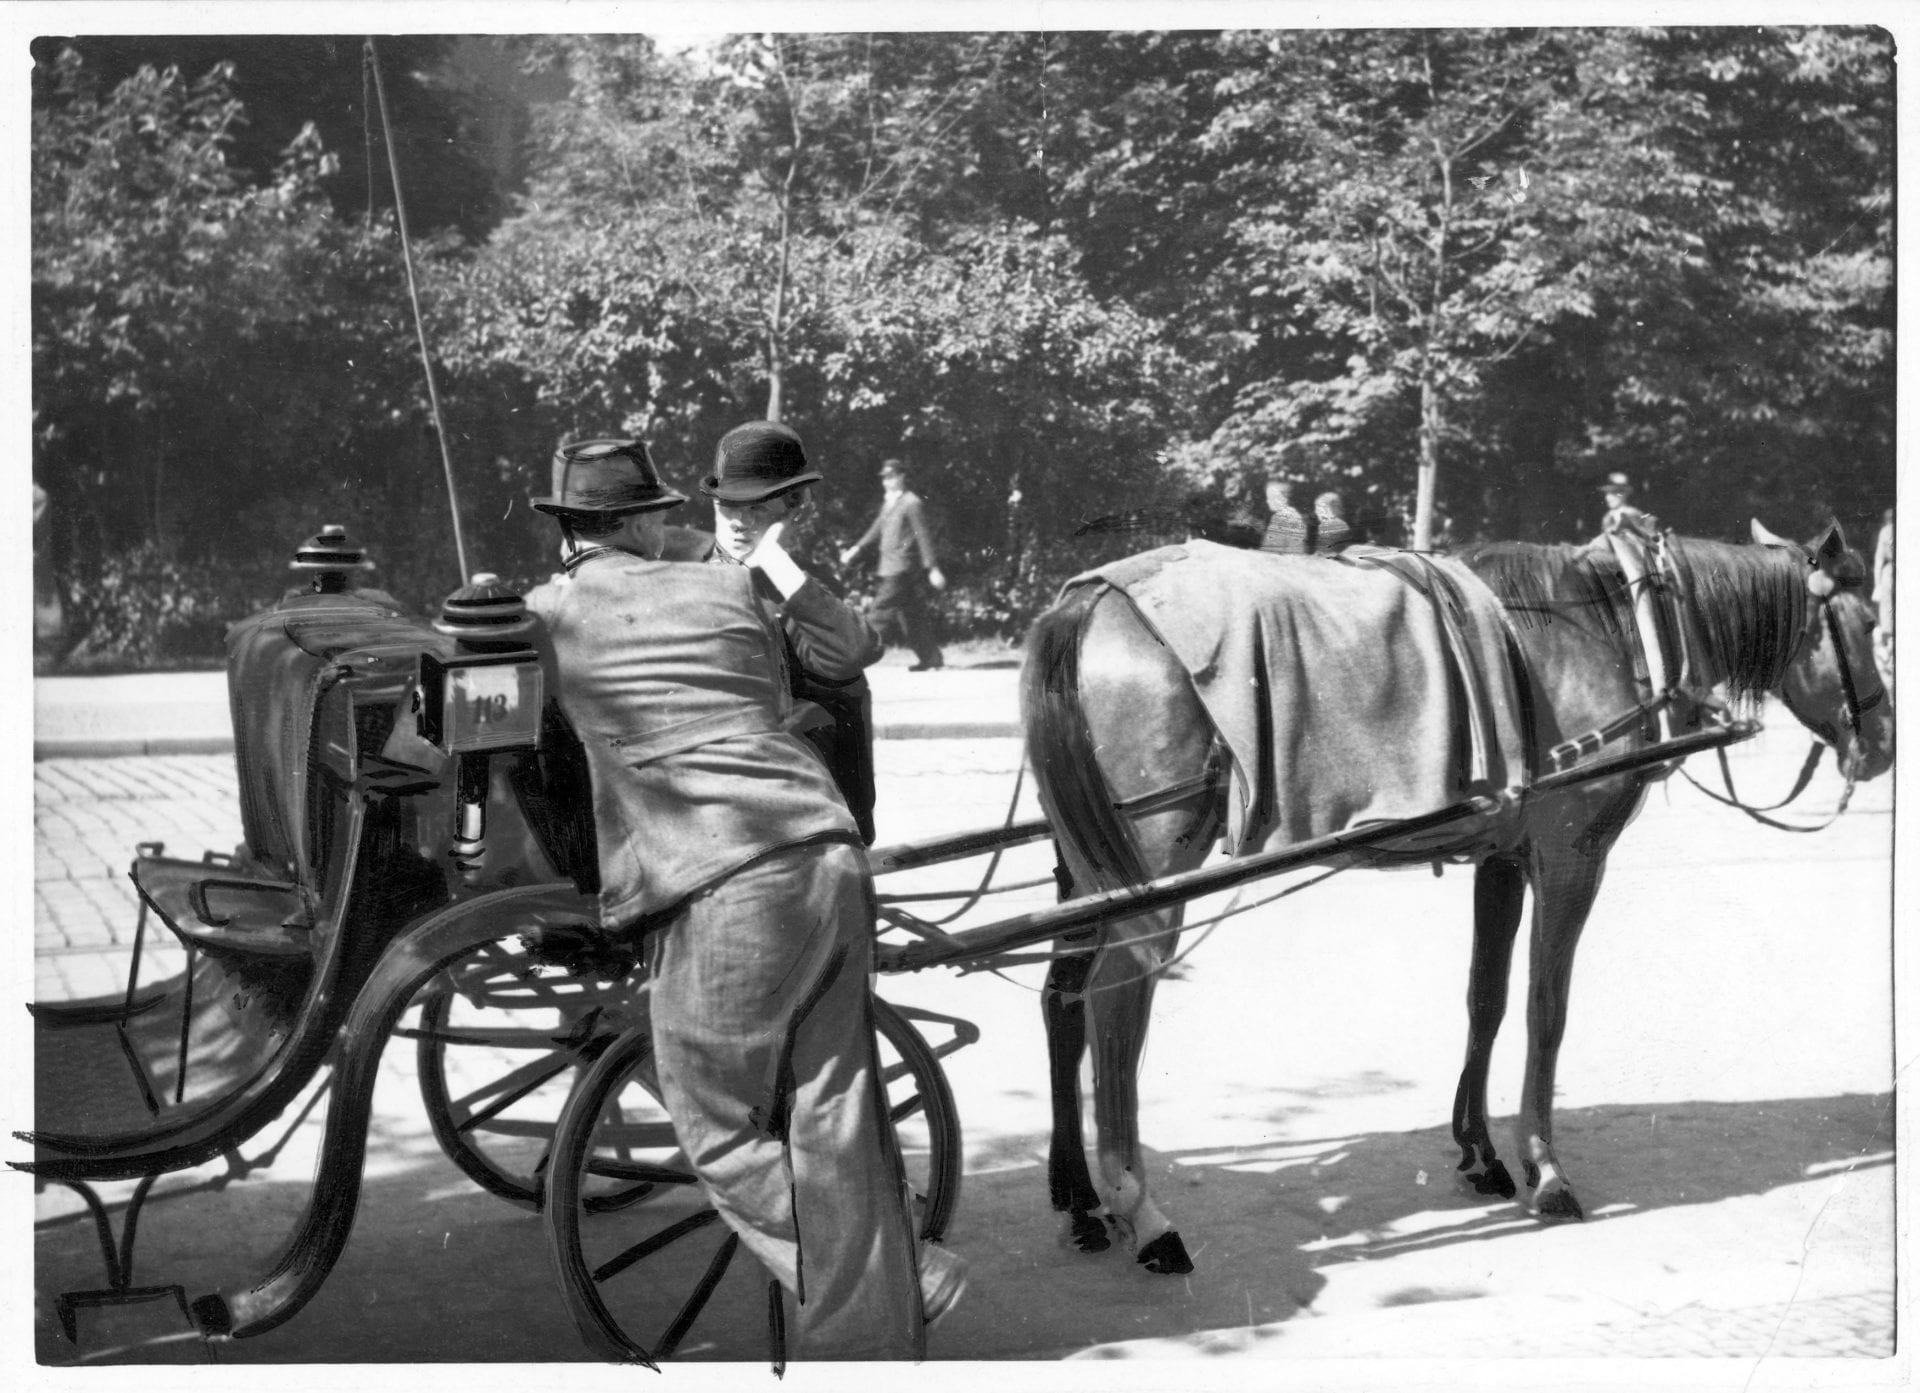 Krakowscy fiakrzy (aka dorożkarze) około 1943 roku. Dorożka. Fiakier. Fot: Andraschko Gustaw. Źródło: Narodowe Archiwum Cyfrowe. Krakowskie dorożki